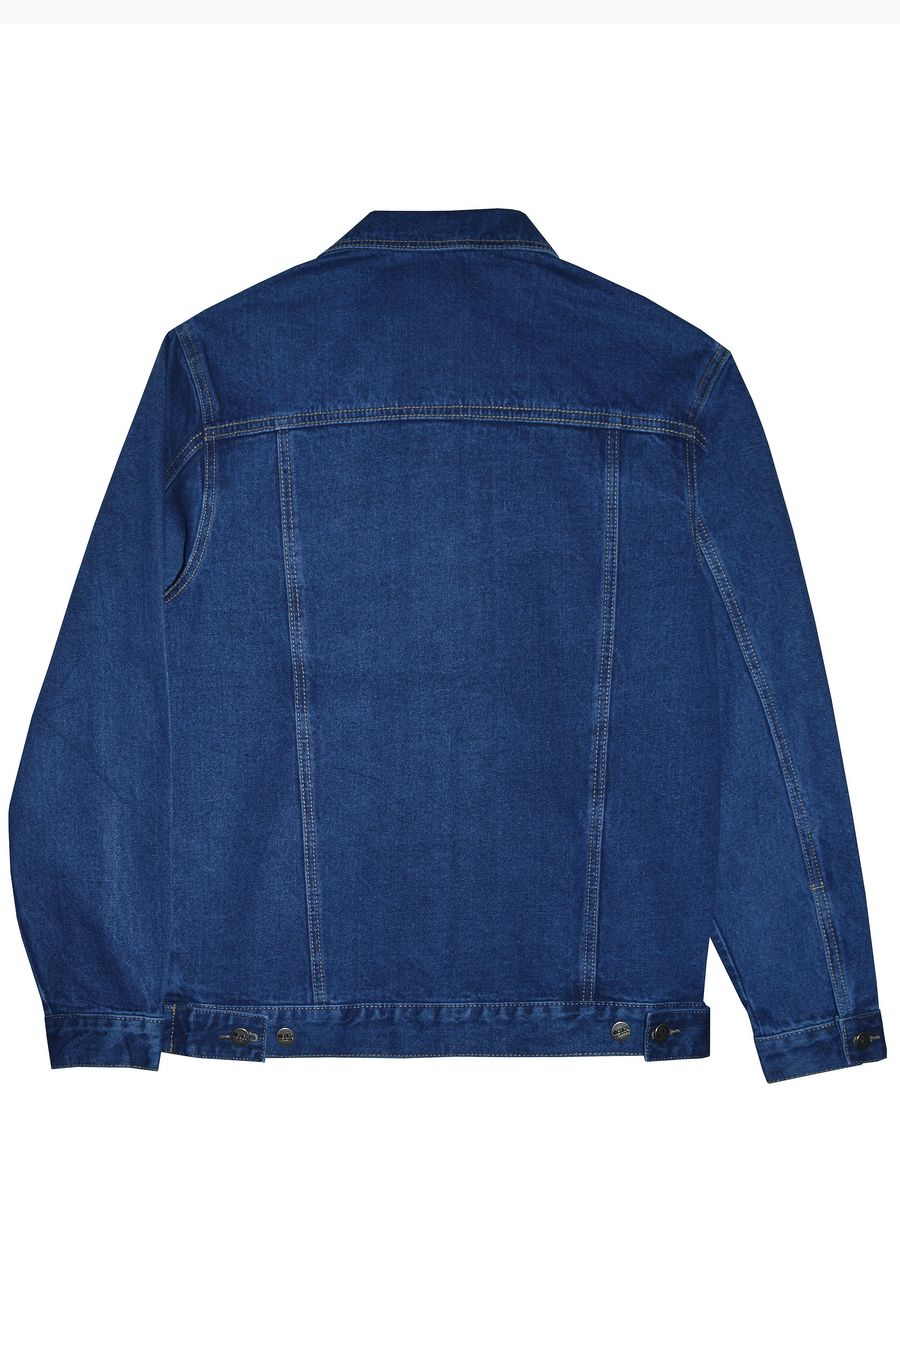 Пиджак мужской (джинсовка) Vicucs 728E.7X7-5 (M-3XL) - фото 2